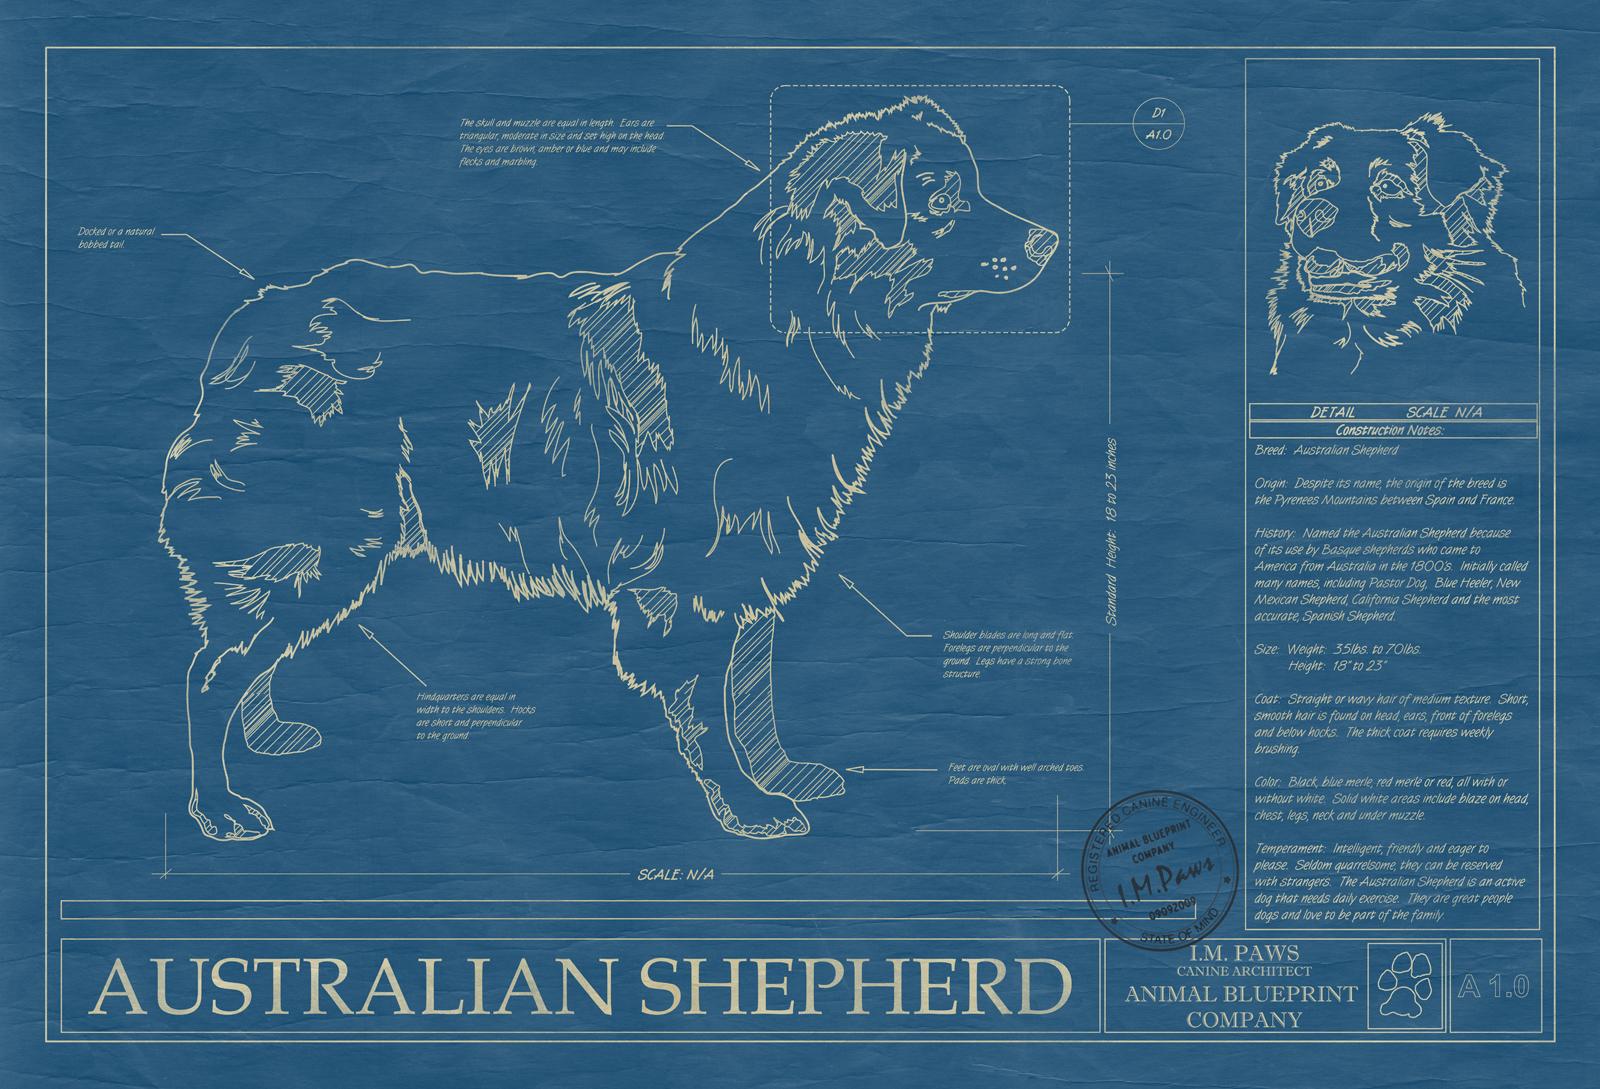 Australian shepherd animal blueprint company australian shepherd dog blueprint malvernweather Gallery